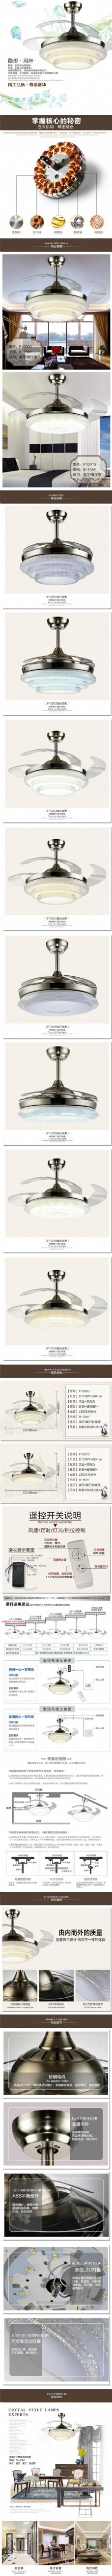 淘宝电商家用电器隐形风扇灯灯饰详情模板